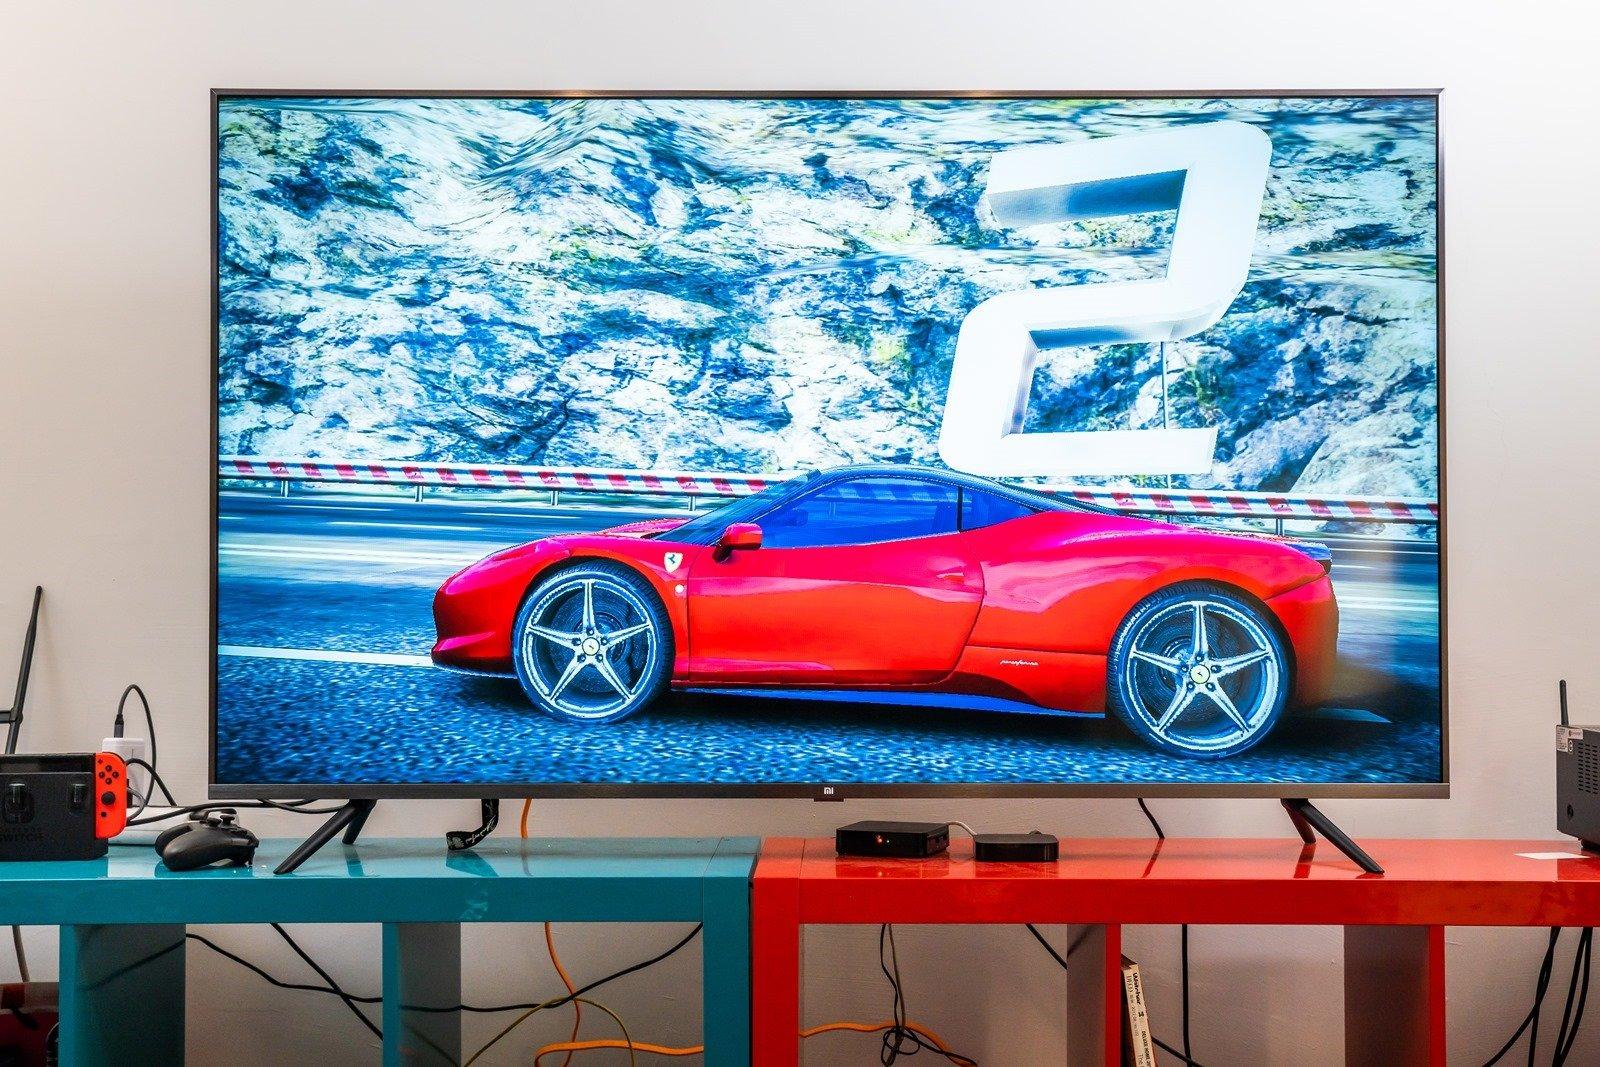 65 吋大電視選擇!小米智慧顯示器 65 型給你超越電視的體驗! @3C 達人廖阿輝